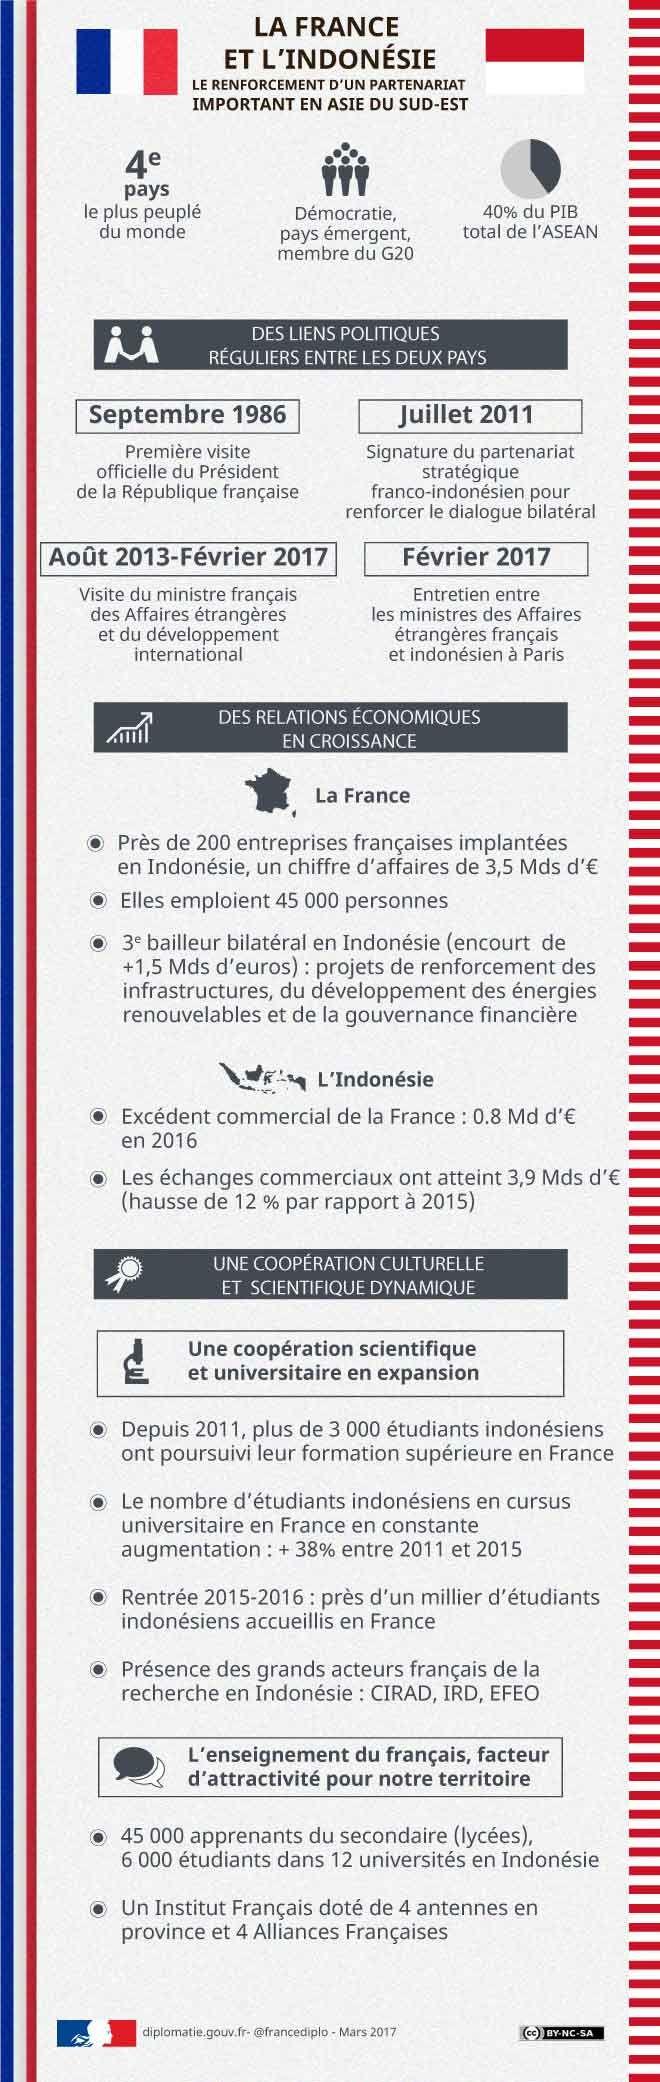 http://www.diplomatie.gouv.fr/fr/dossiers-pays/indonesie/la-france-et-l-indonesie/infographie-la-france-et-l-indonesie-le-renforcement-d-un-partenariat-important/